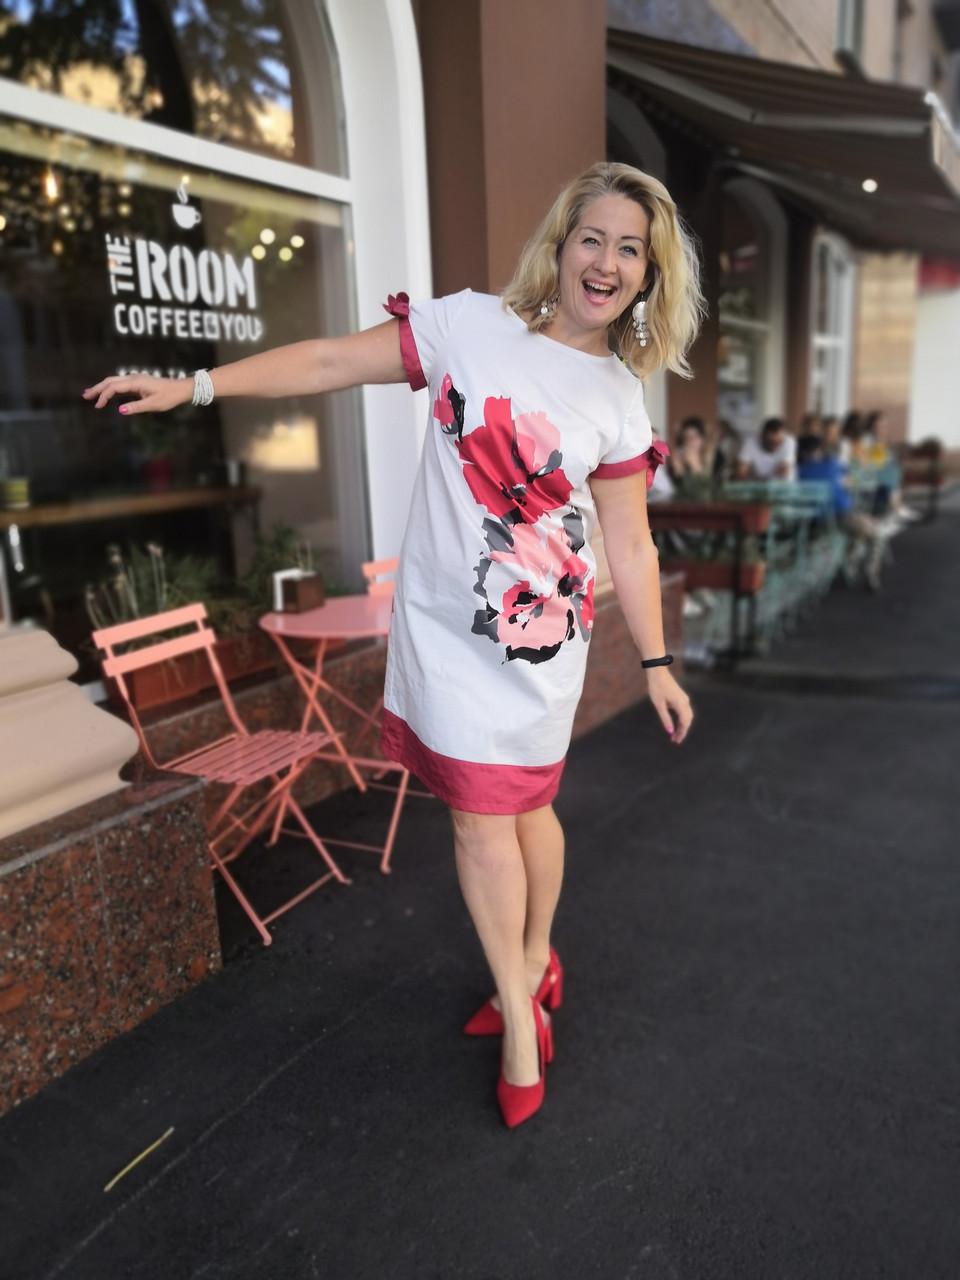 Платье белое нарядное хлопок купон сукня  жіноча біла   Пл 022 Dress white cotton